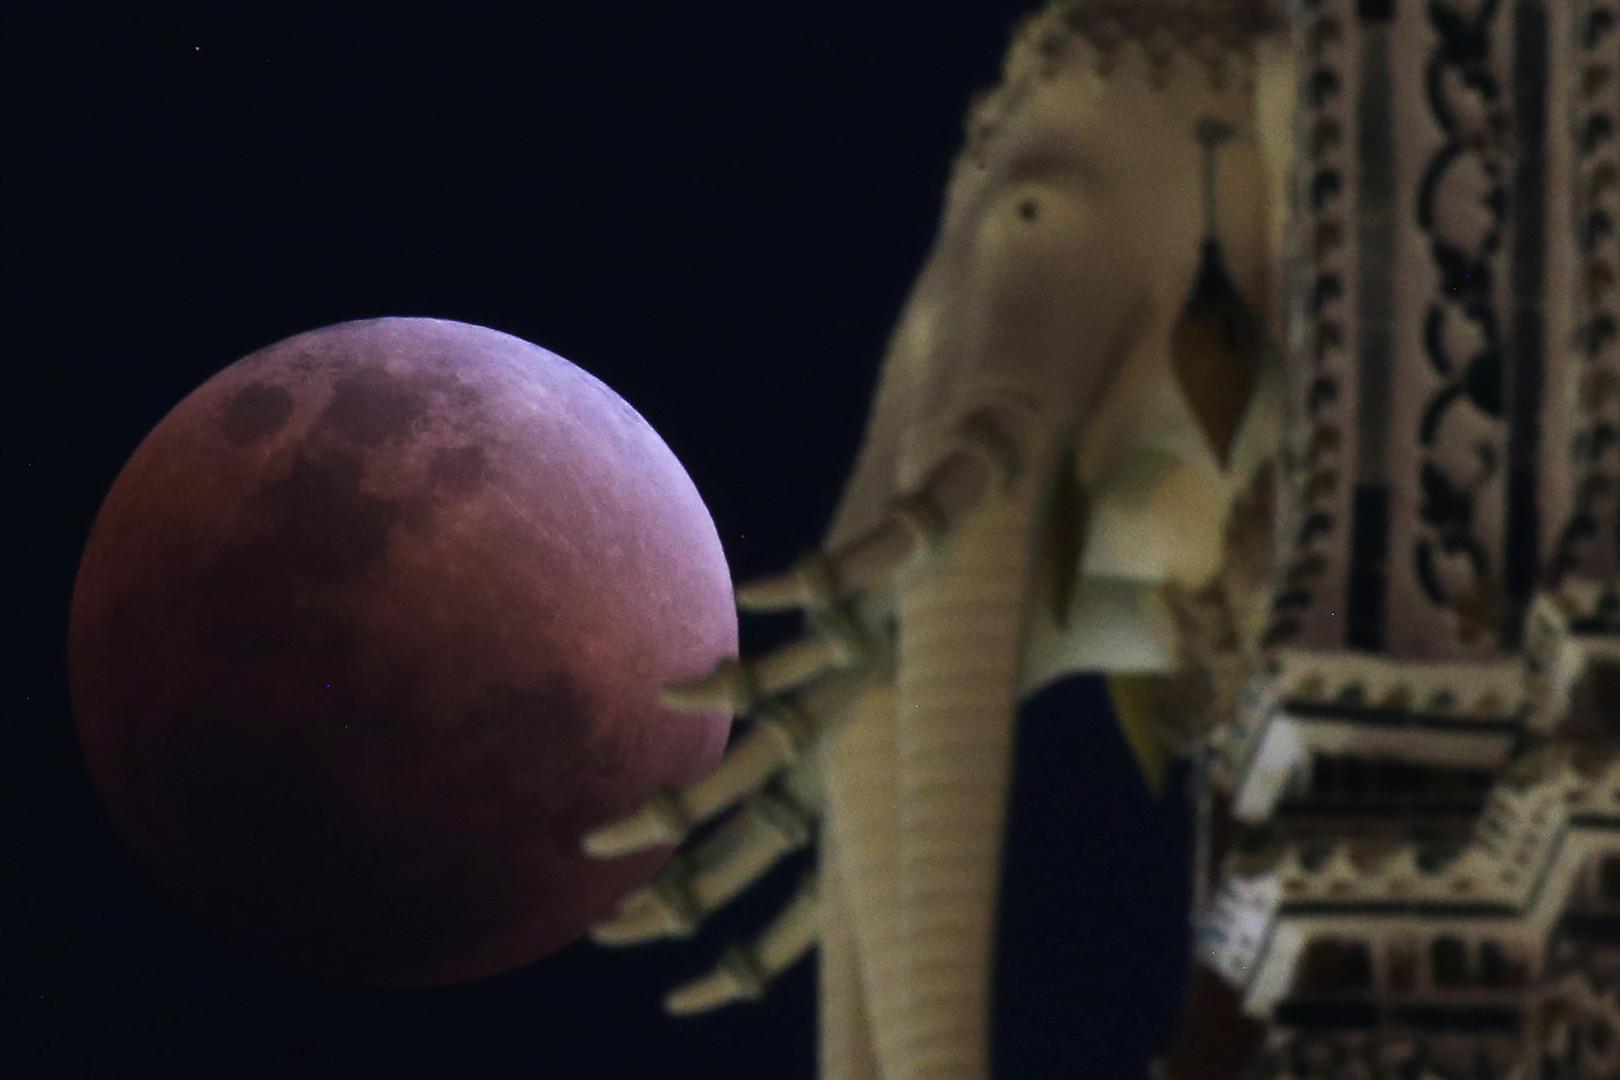 Pour la première fois depuis 150 ans, voici la «super Lune bleue de sang» (IMAGES)